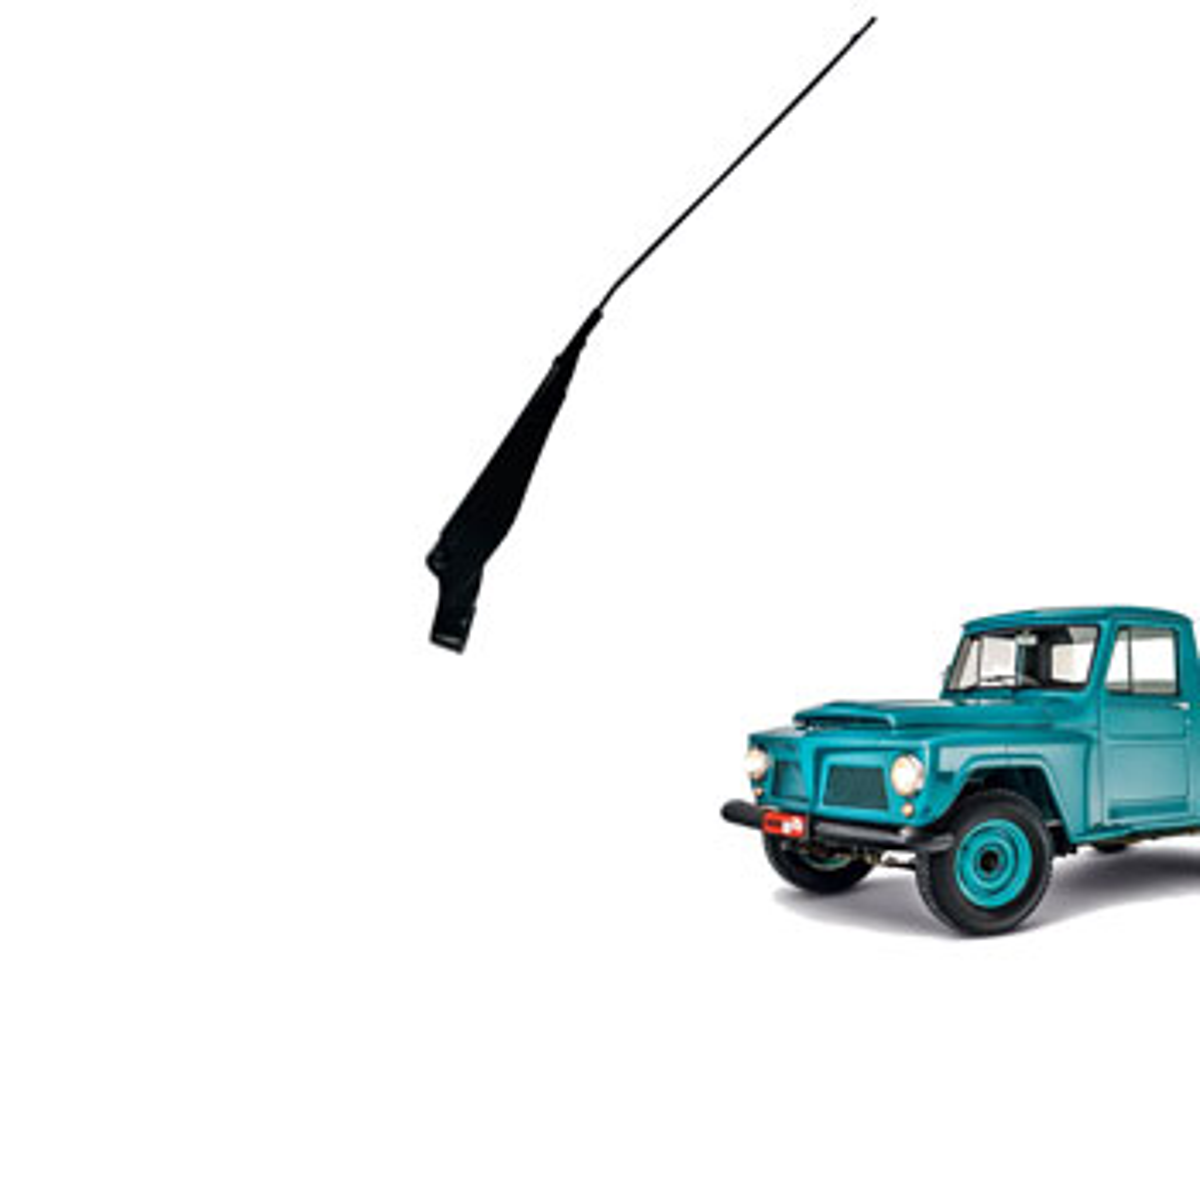 Braço Limpador RURAL - 1968 Até 1977 (G712) - GRANEIRO - PEÇ